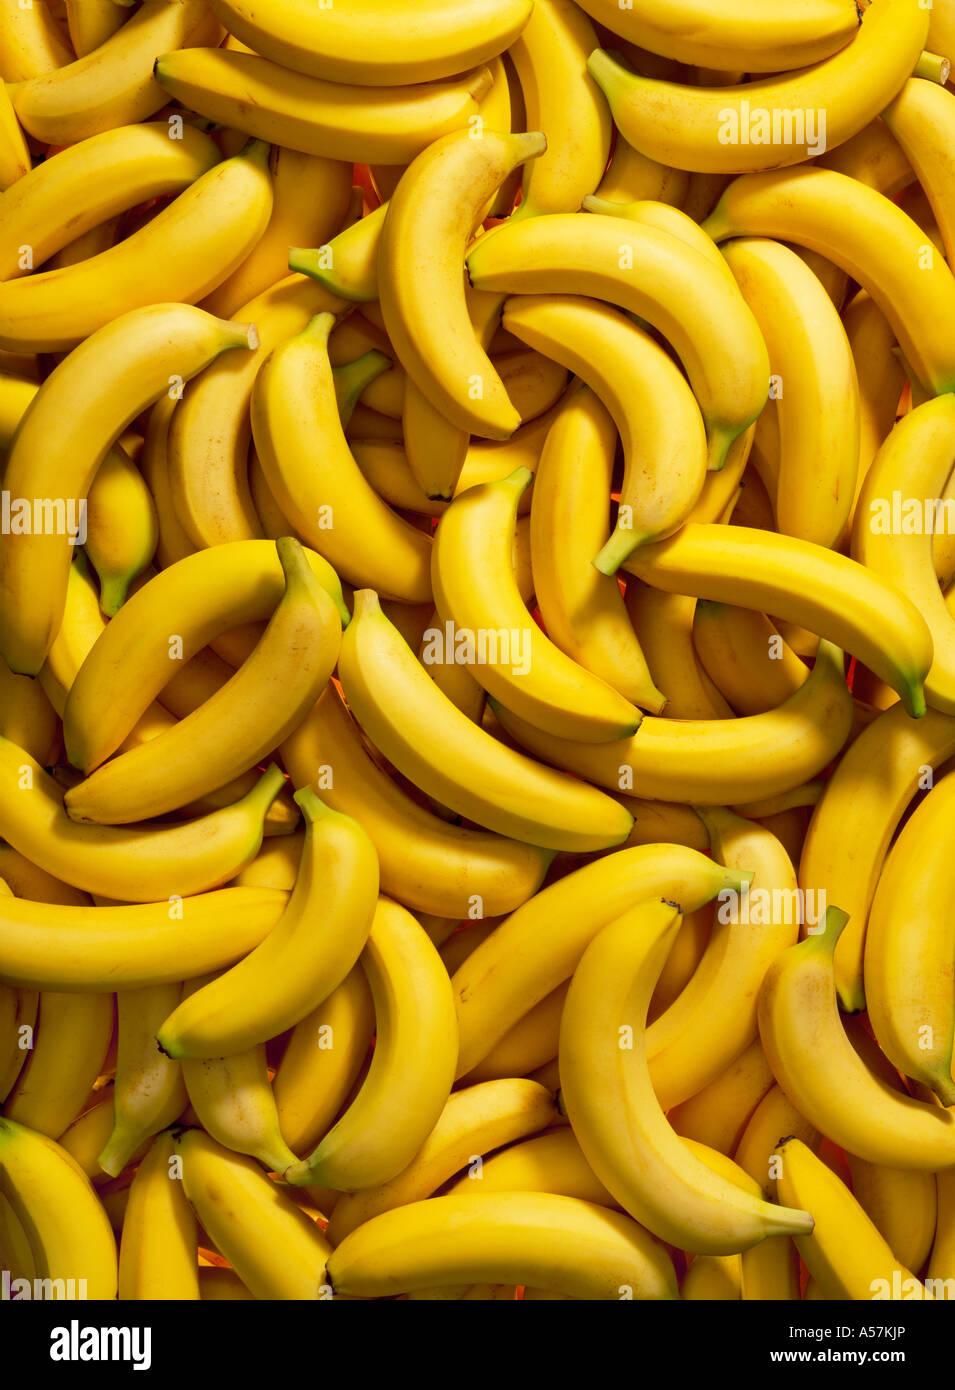 Un tas de bananes. Idéal comme un fond ou un arrière-plan Photo Stock